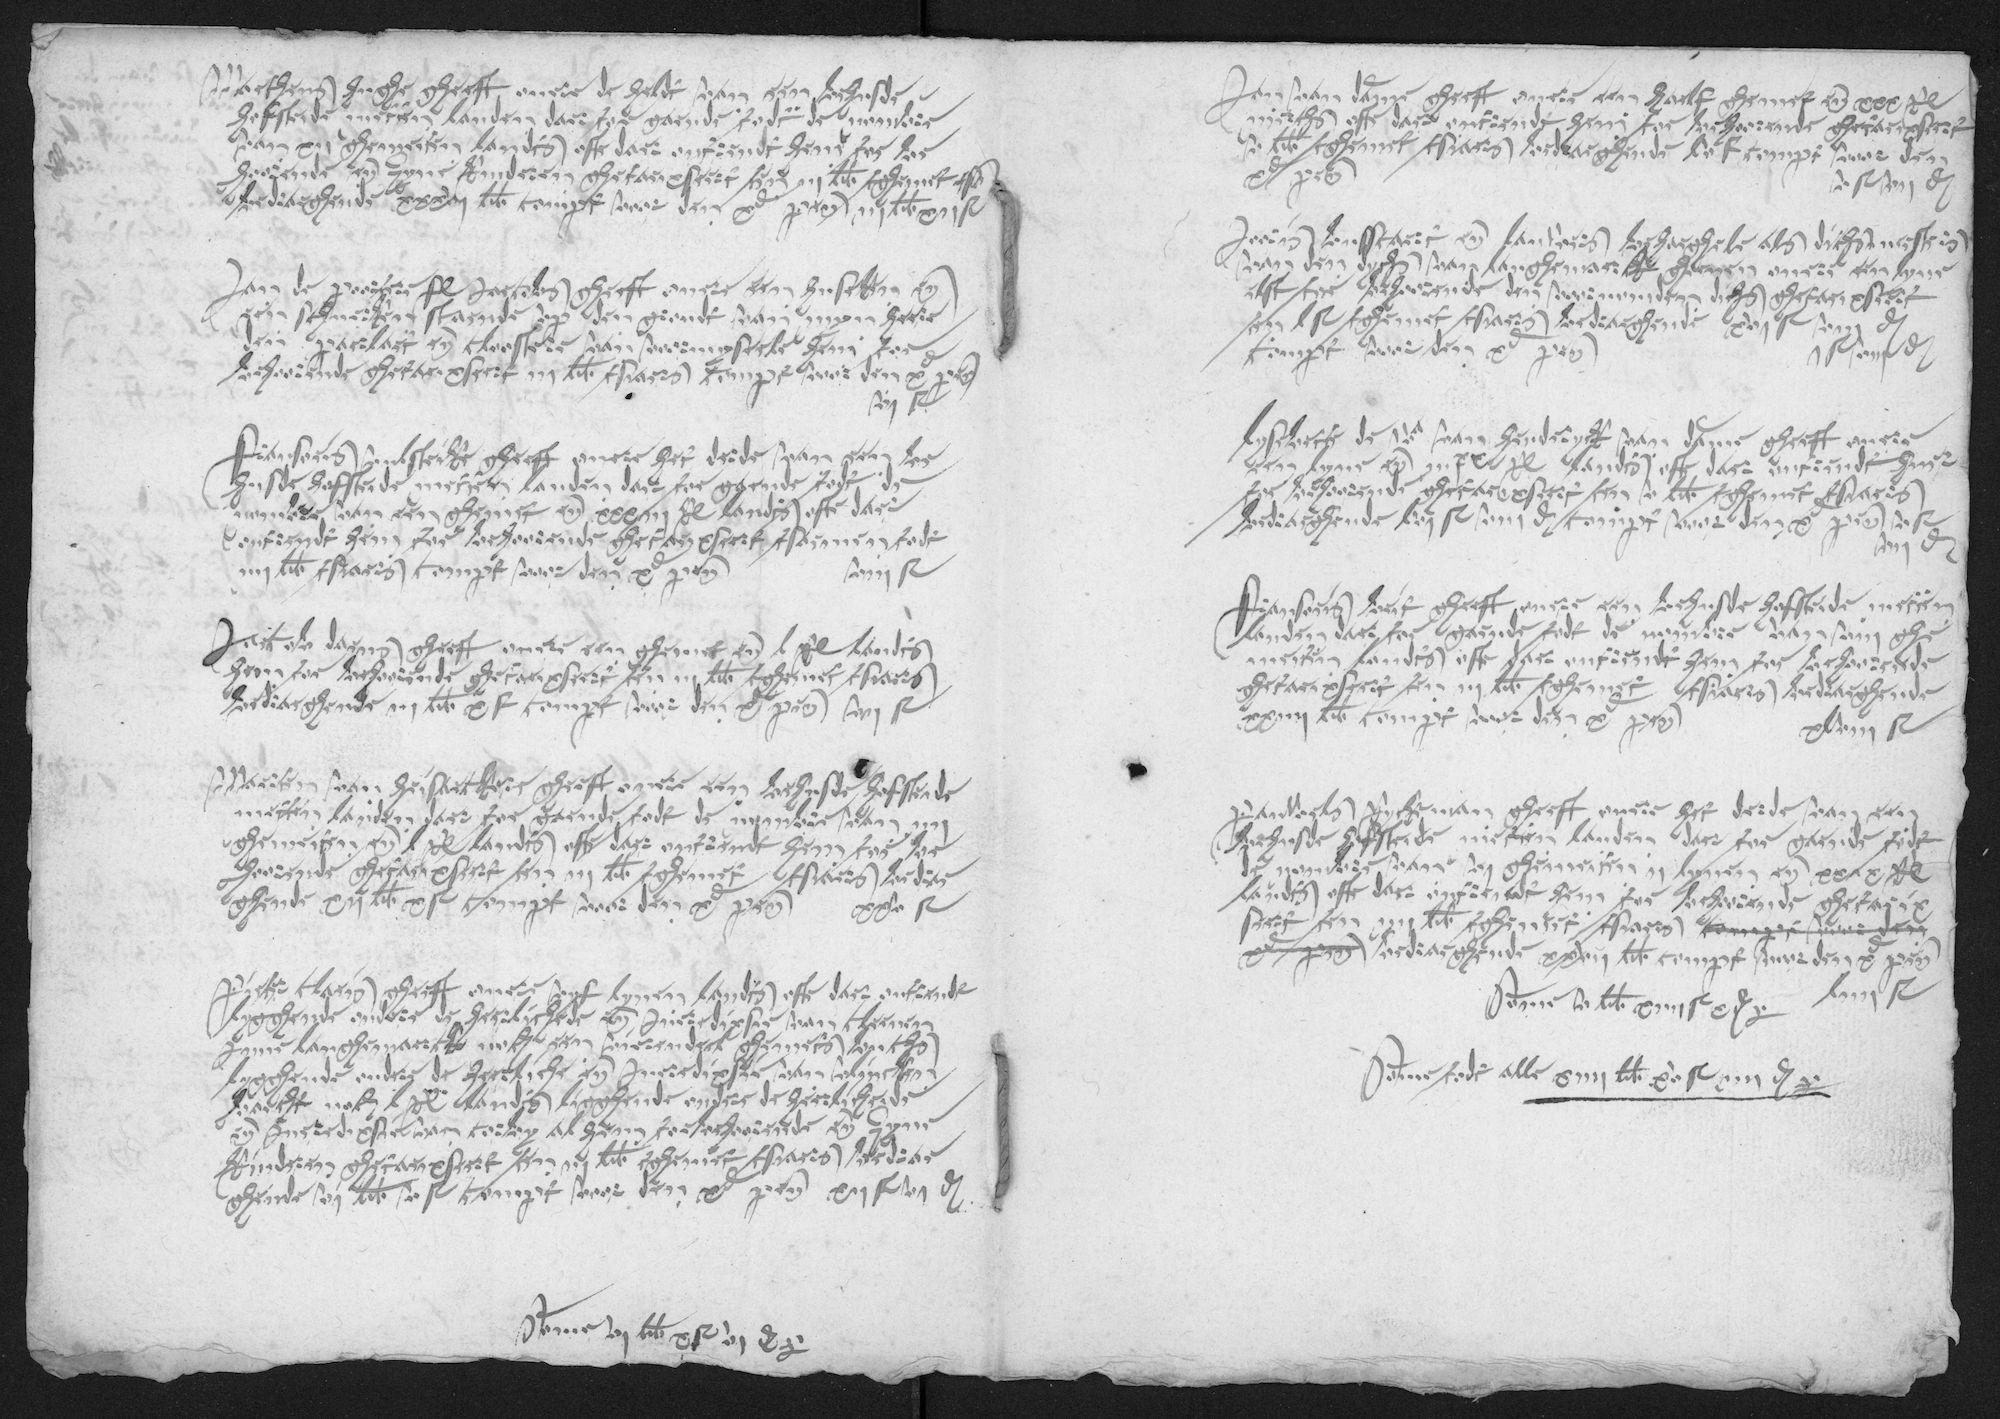 Kohier van de 10de penning in de heerlijkheid van de abdij van Voormezele in de parochie van Langemark, 1555